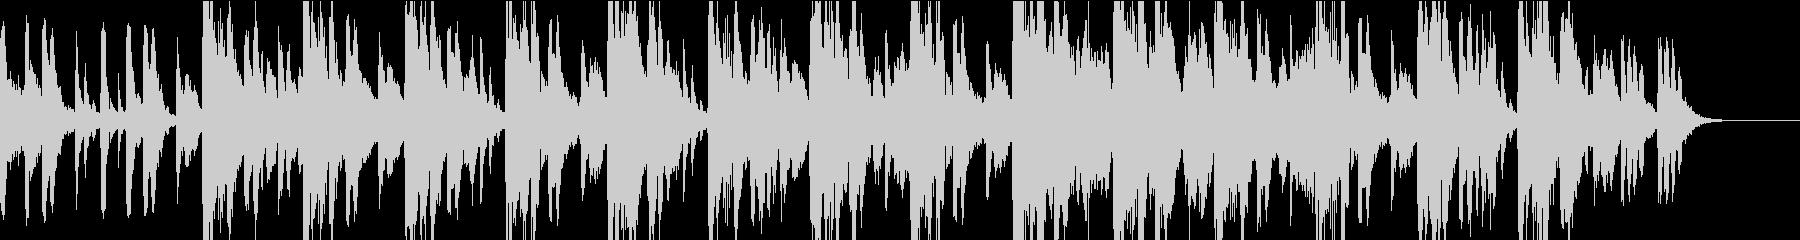 ジャズをバックにブラスが吠えるジングルの未再生の波形